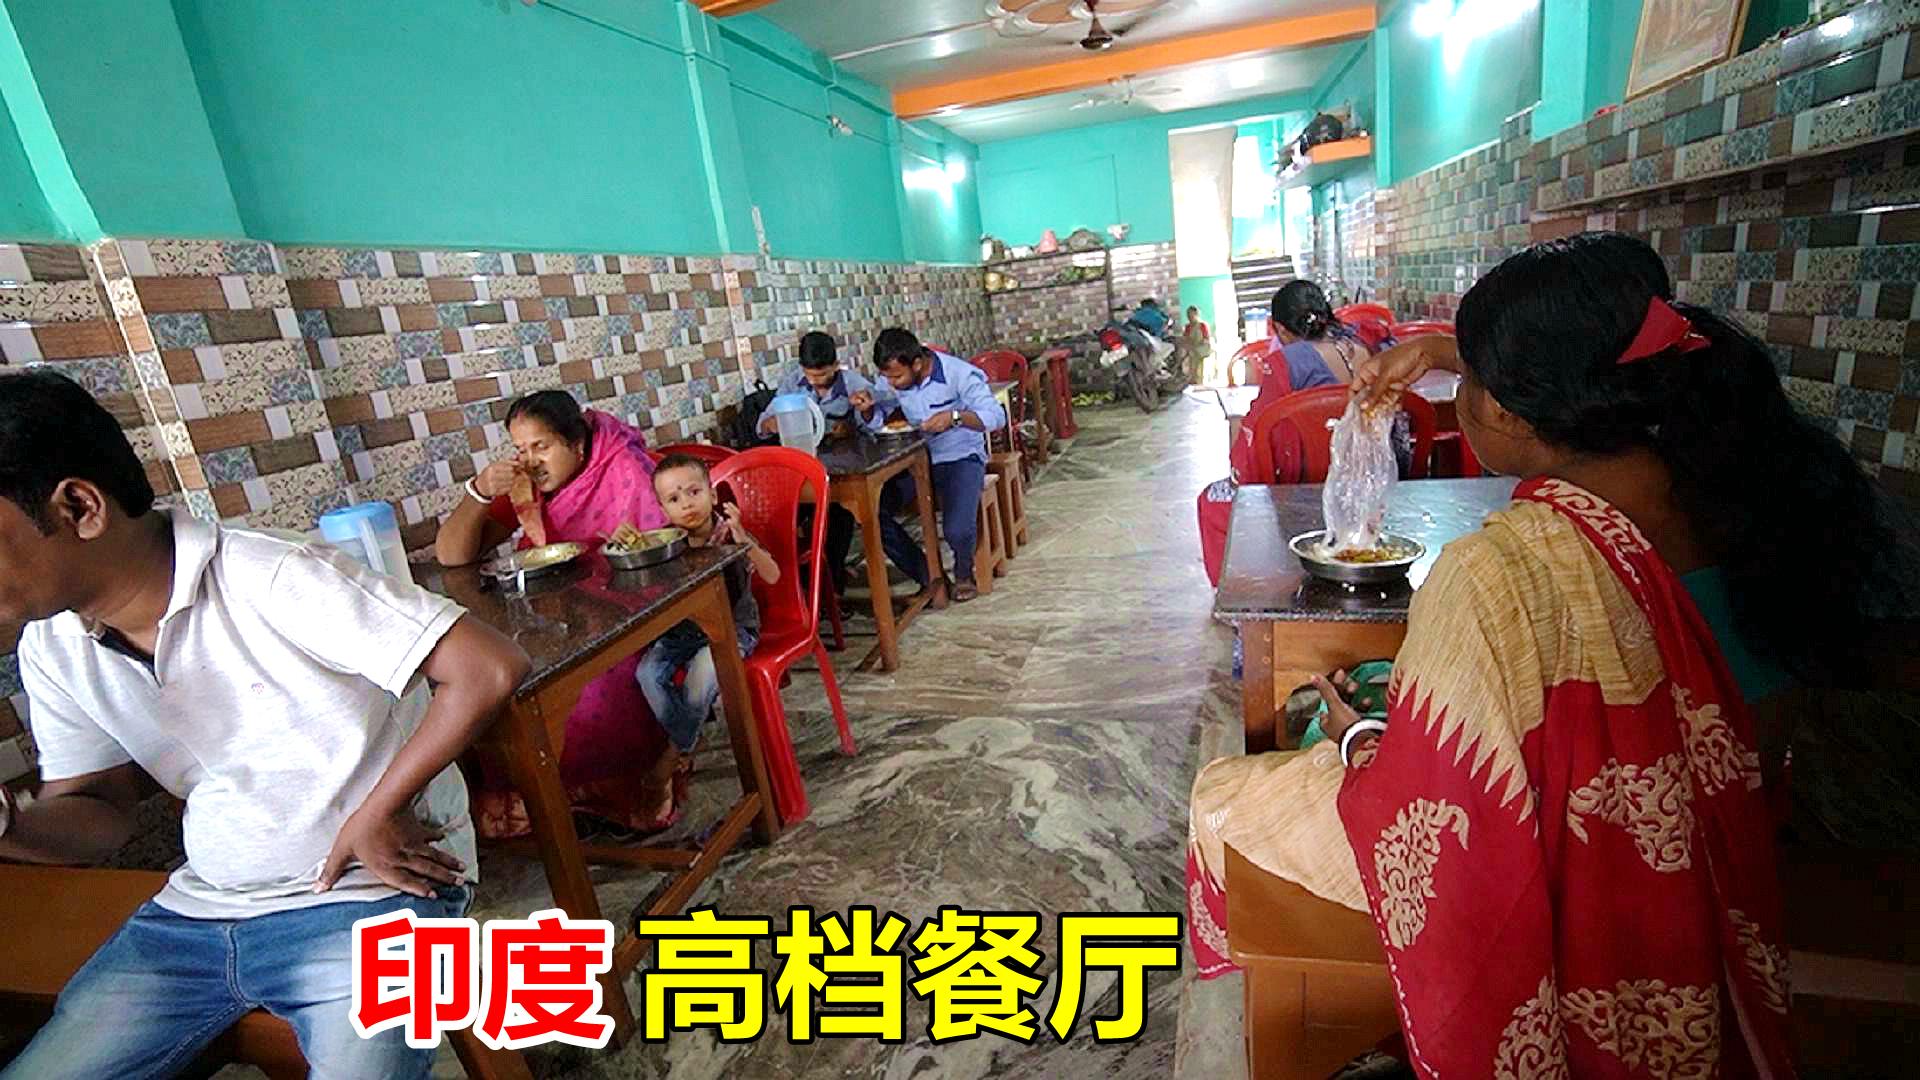 印度人带我去高档餐厅,逛印度乡镇,中国小伙见到了最真实的印度